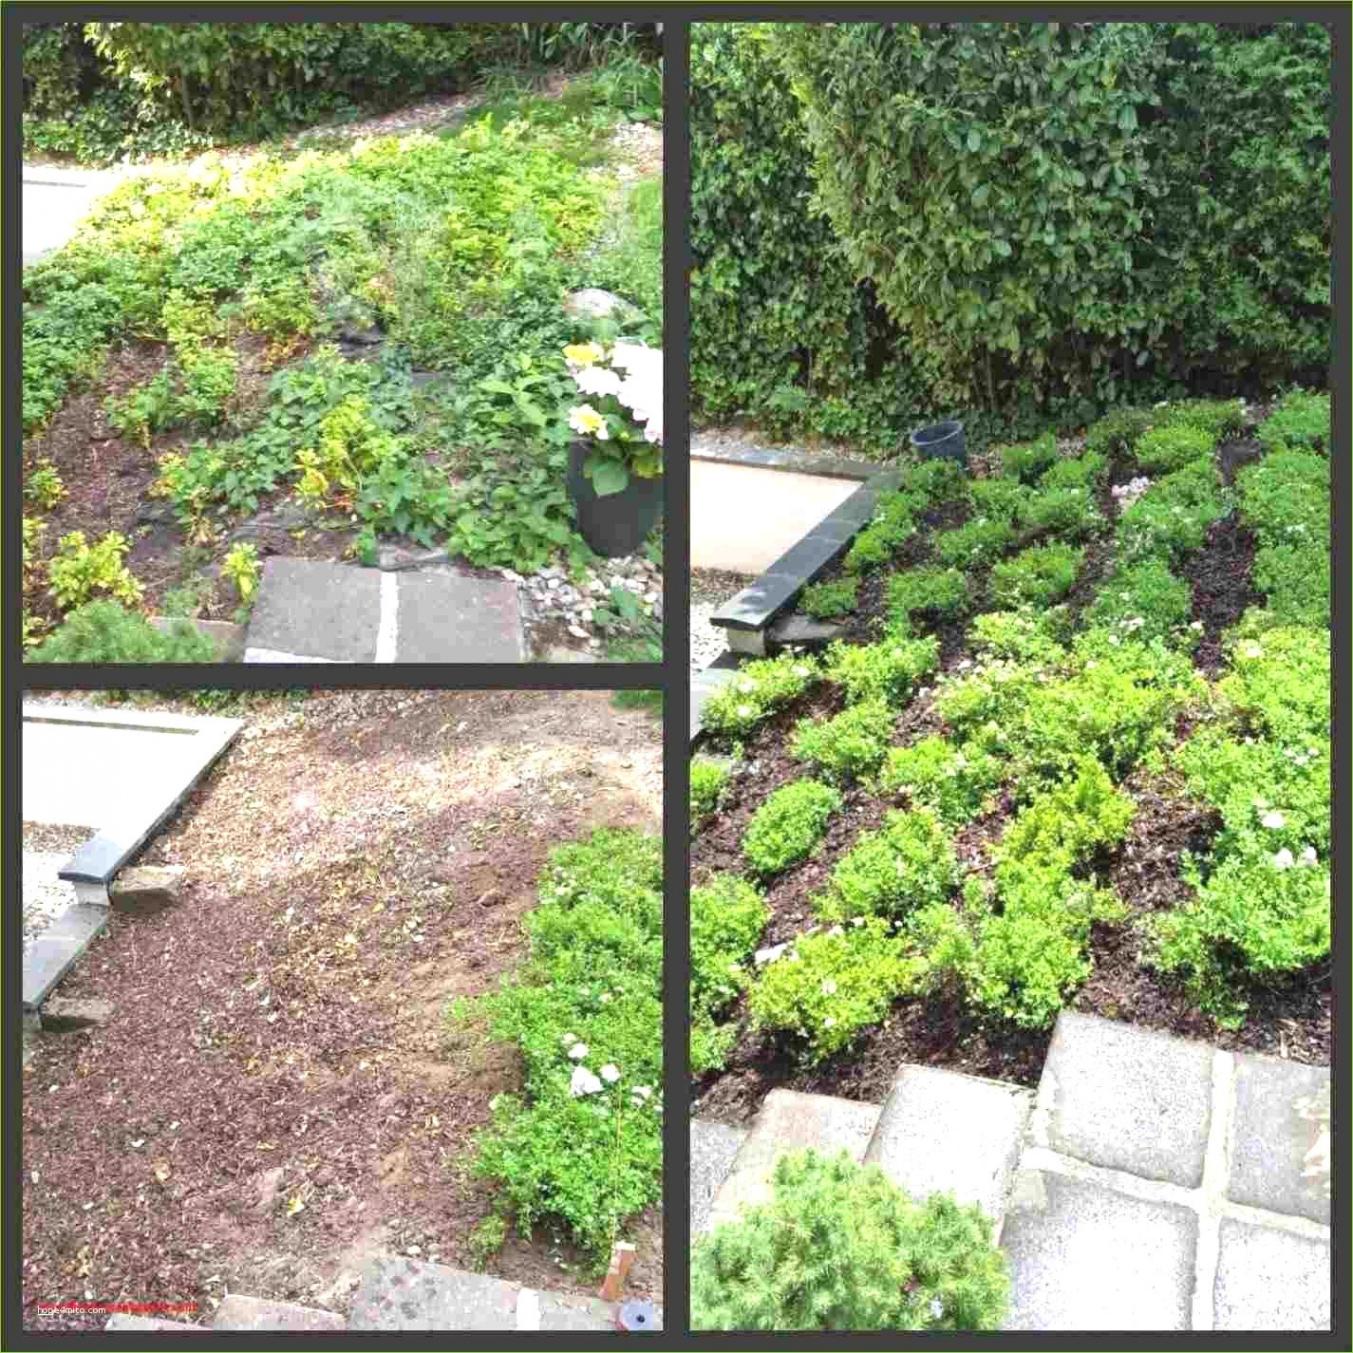 Gartendeko Zum Bepflanzen Schön Ausgefallene Gartendeko Selber Machen — Temobardz Home Blog